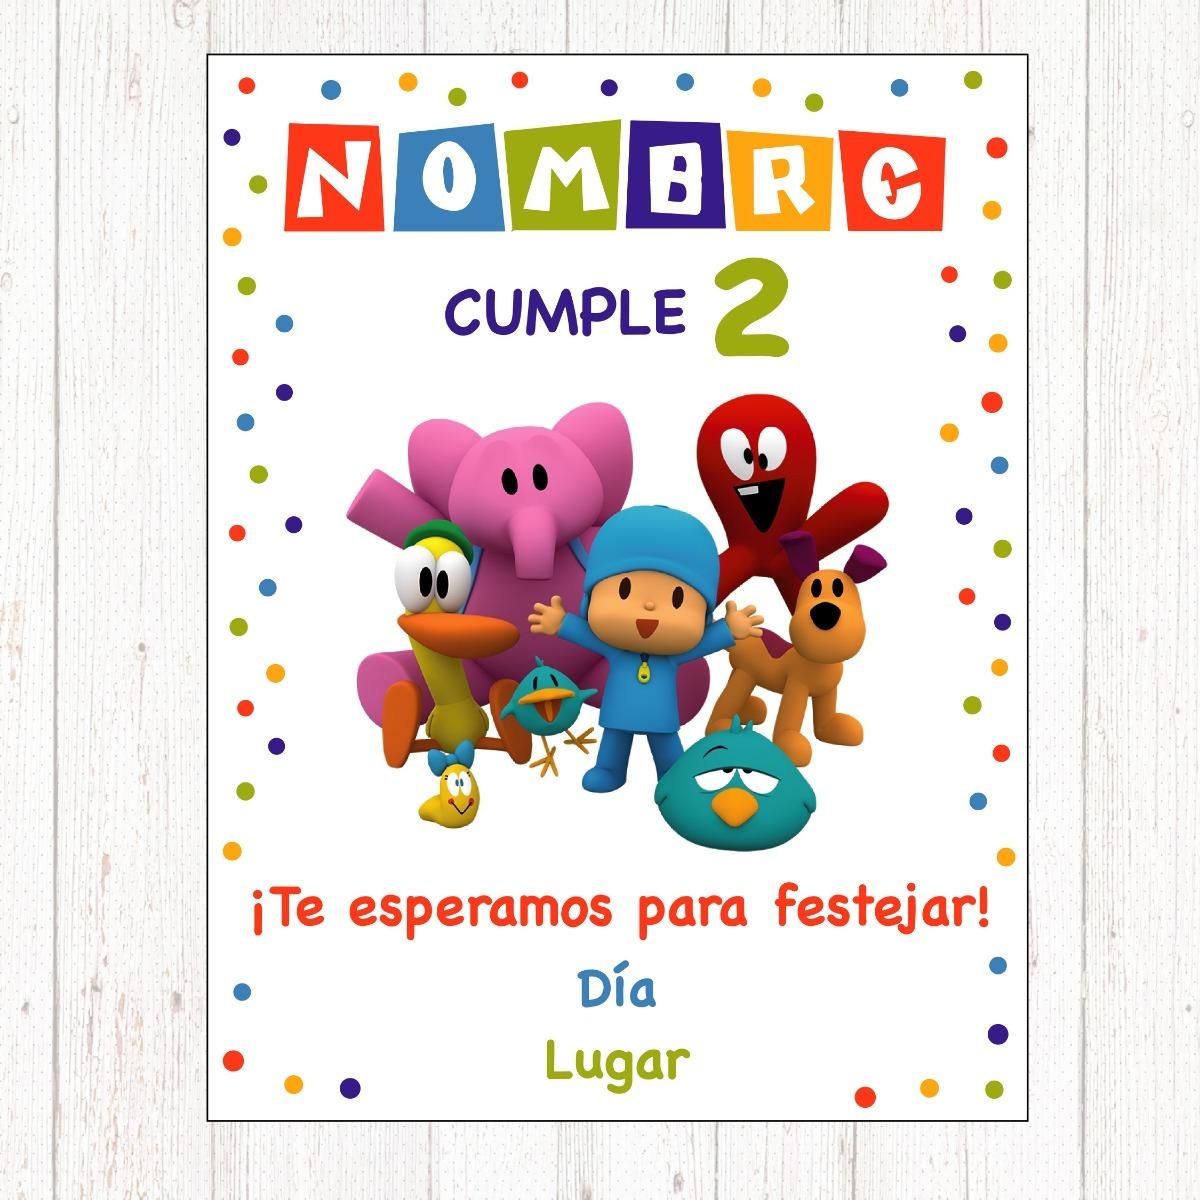 Tarjeta Invitación Cumpleaños Pocoyo Digital Imprimible